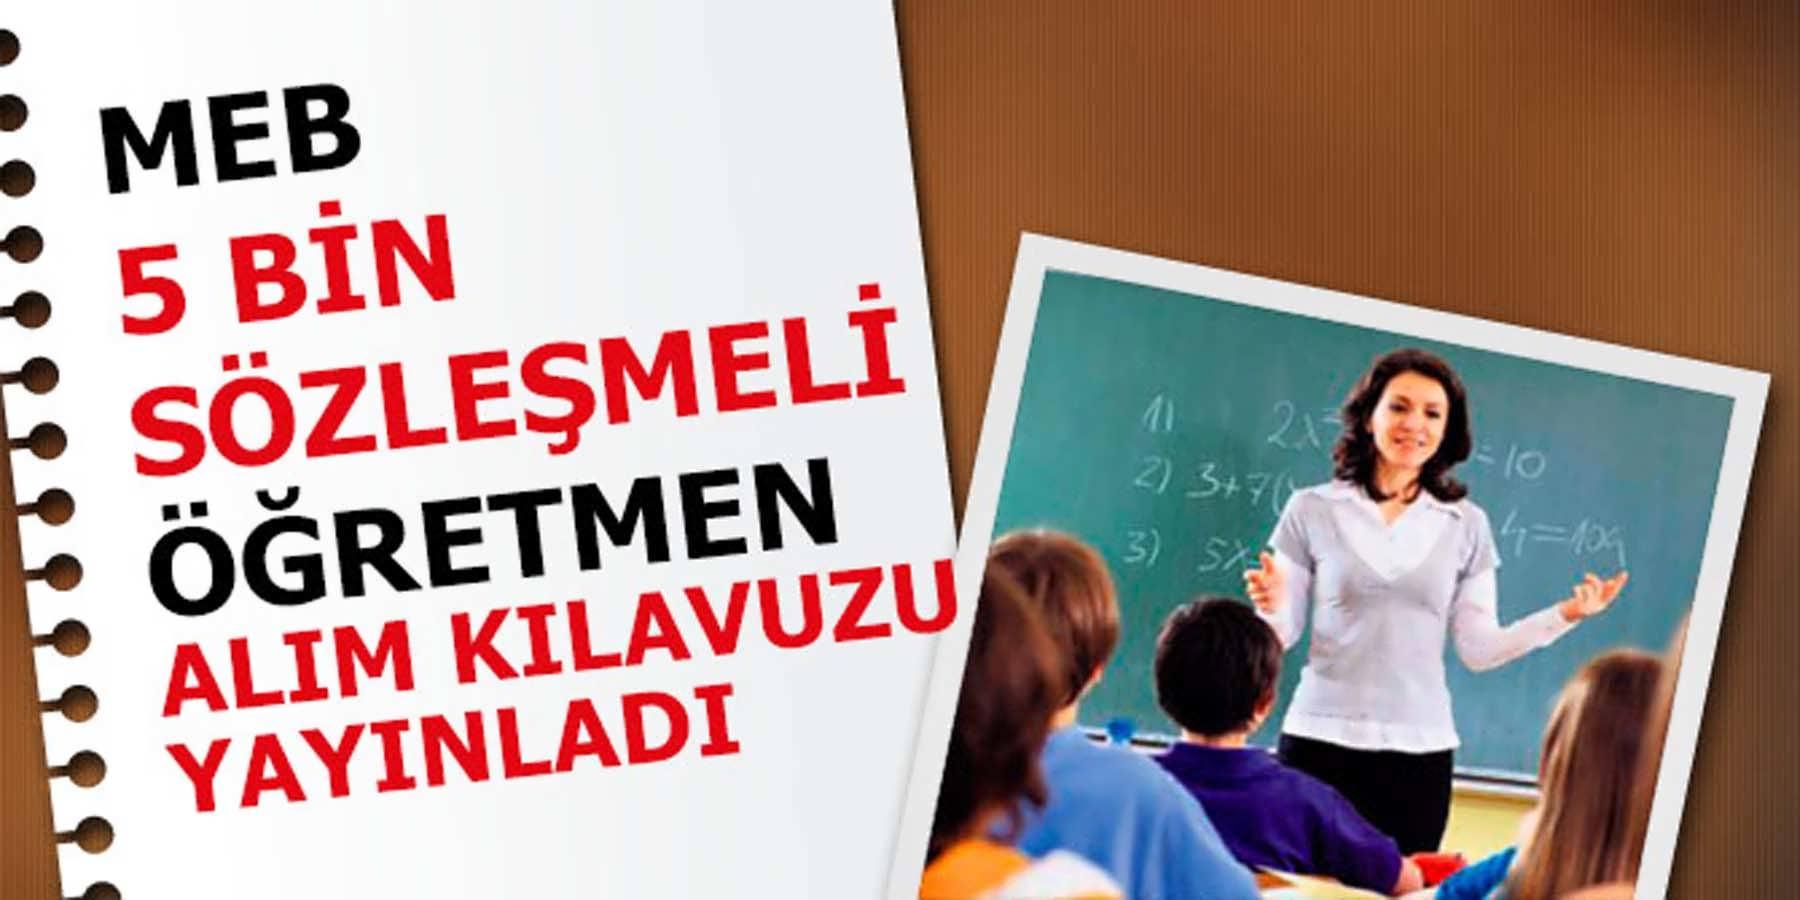 MEB 5 Bin Sözleşmeli Öğretmen Başvuru Kılavuzu Yayınlandı